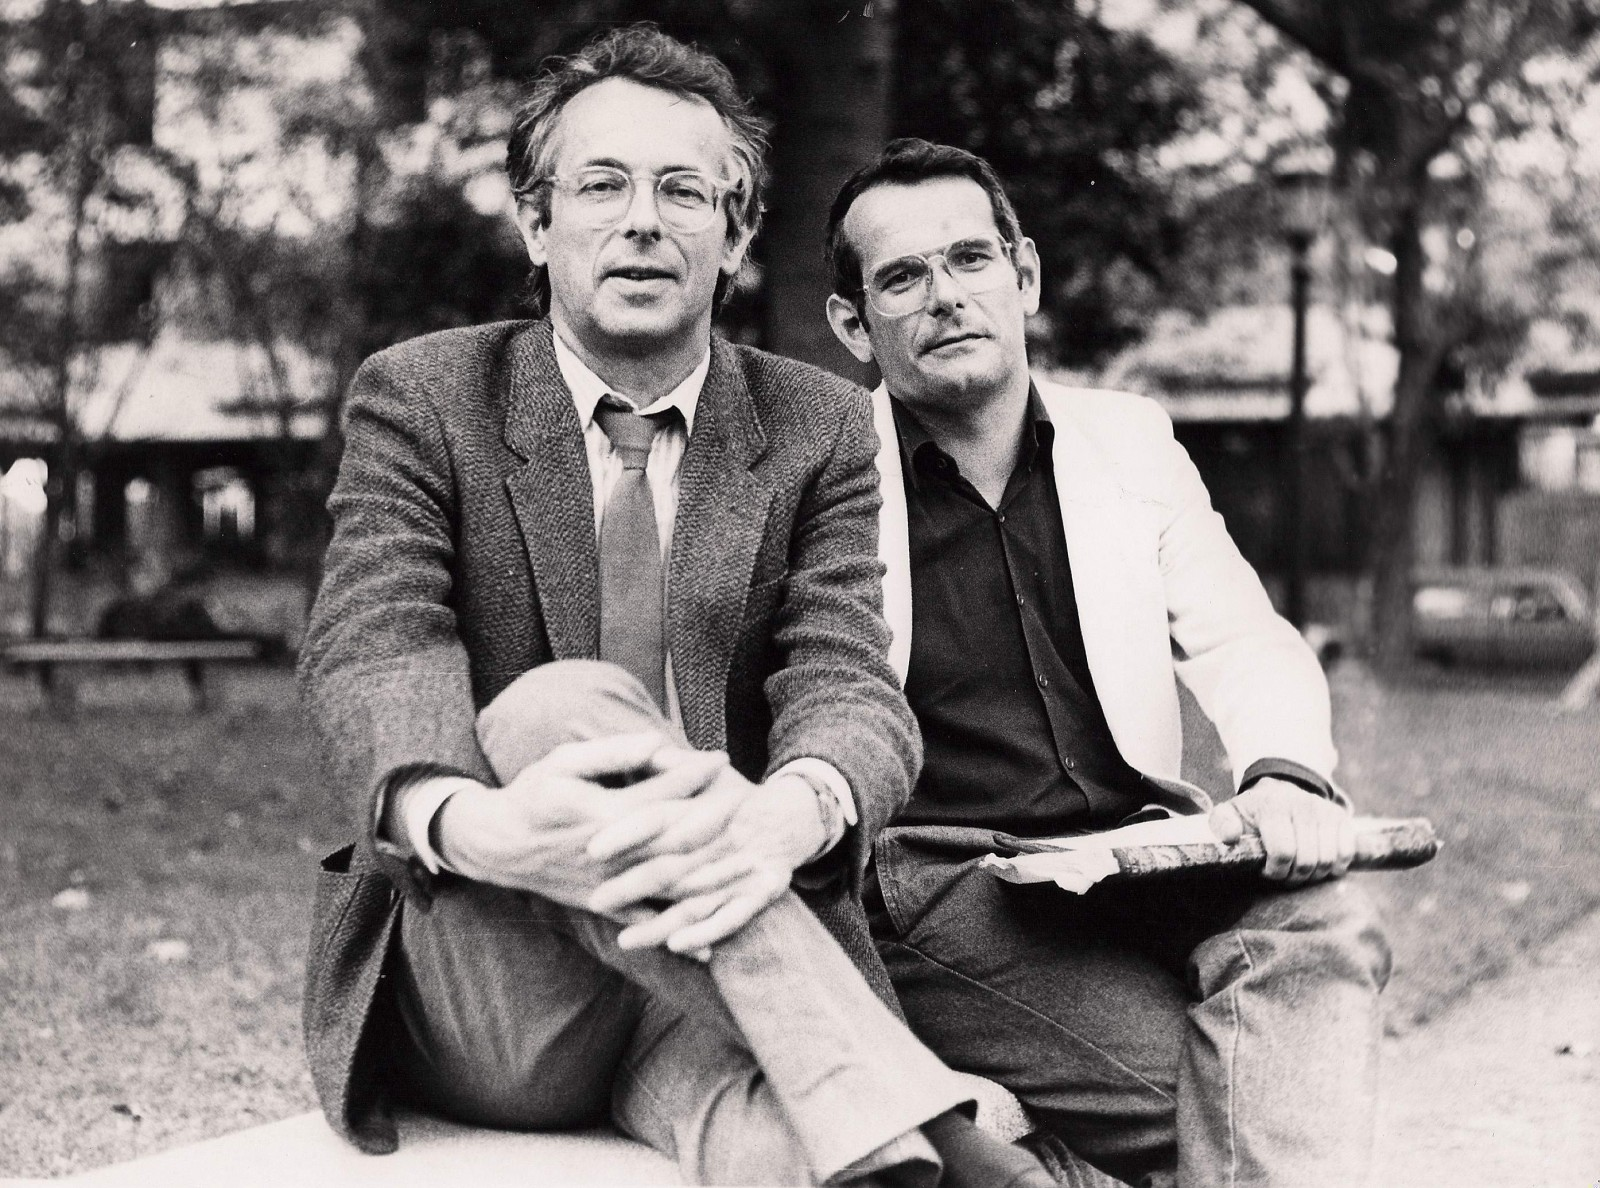 Philippe et Alain Jalladeau